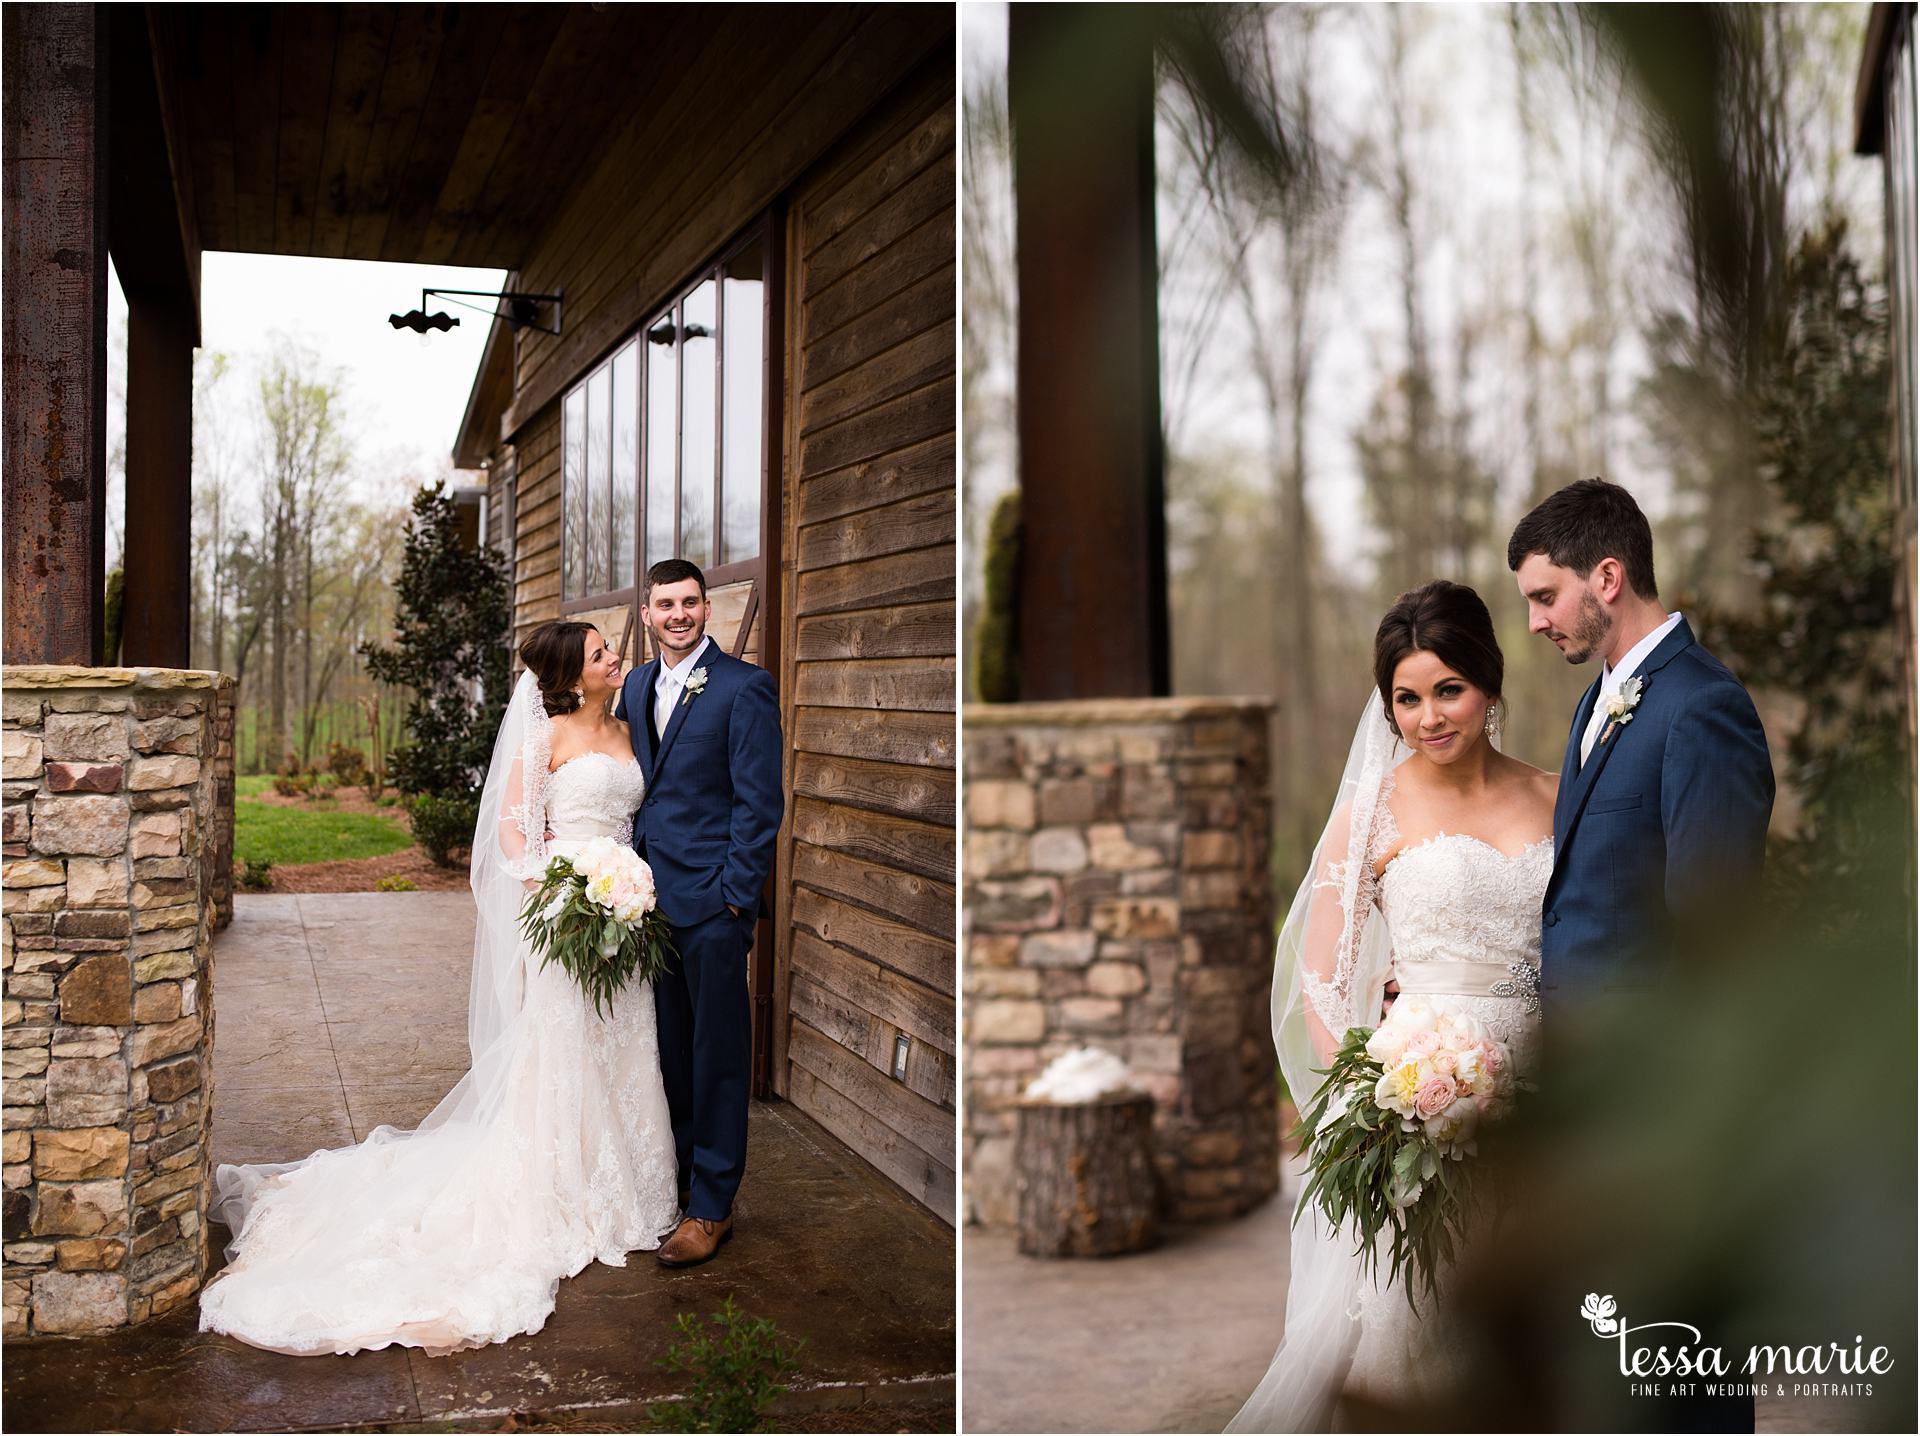 032216_brittany_kevin_wedding-68